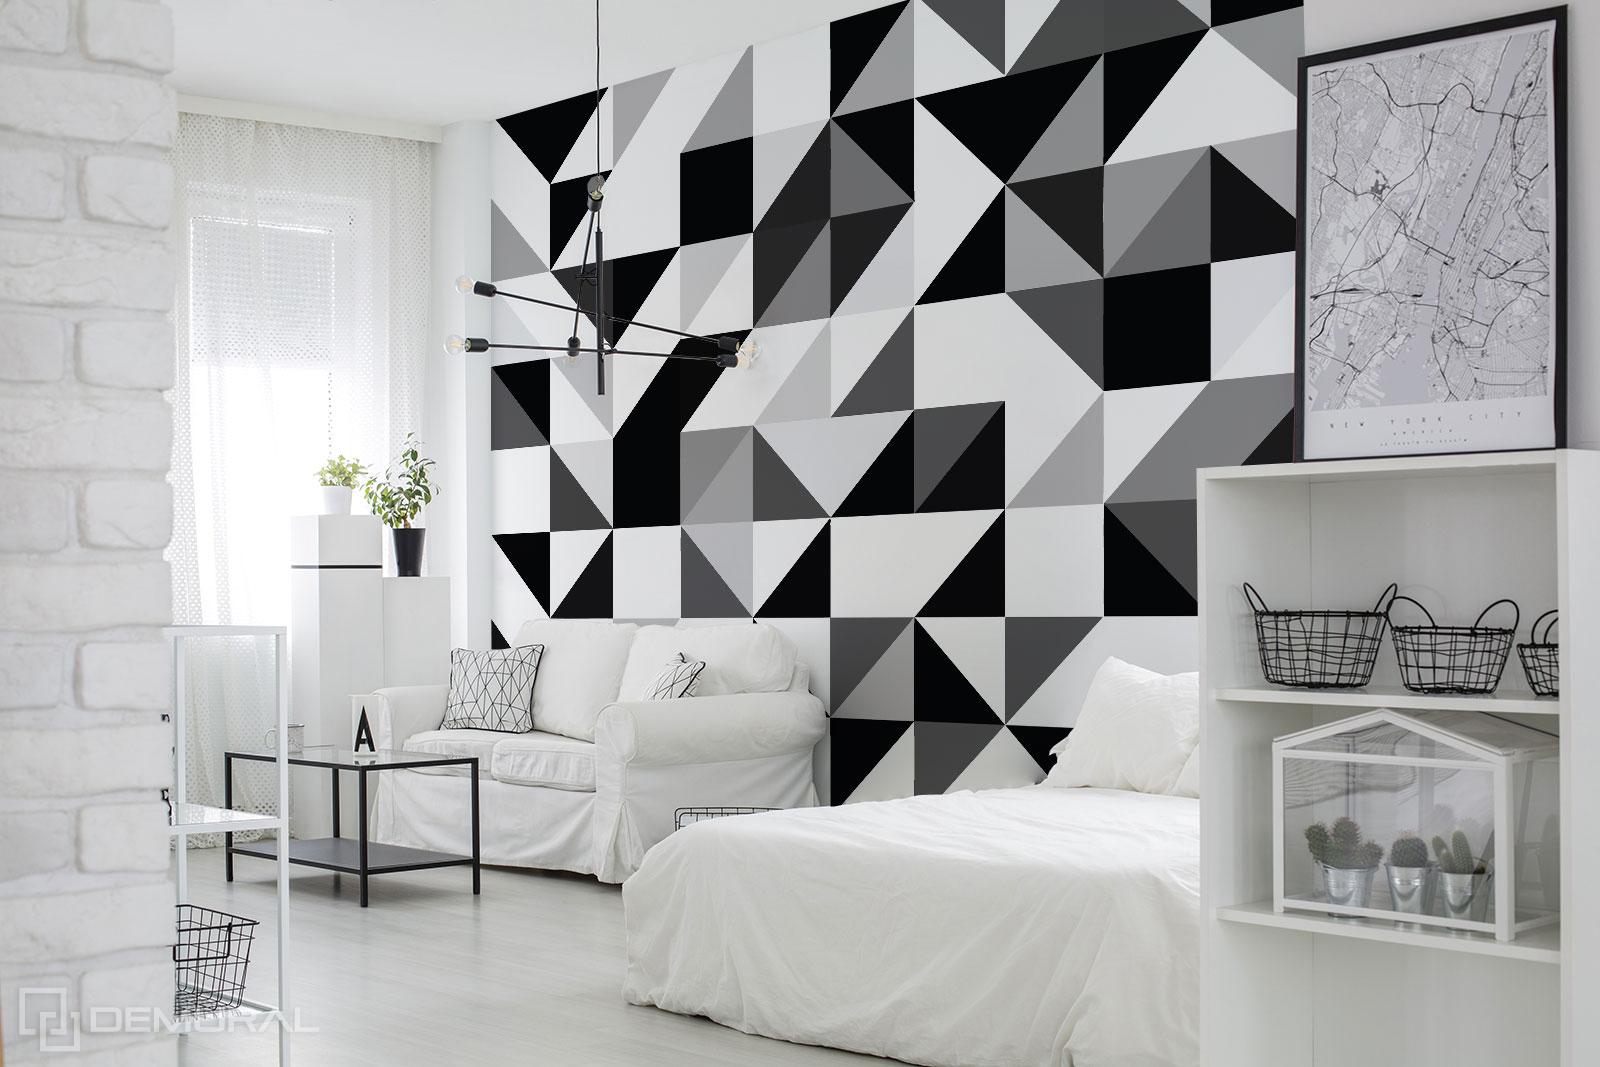 Papier peint formes noires et blanches - Papier peint géométrique - Demural